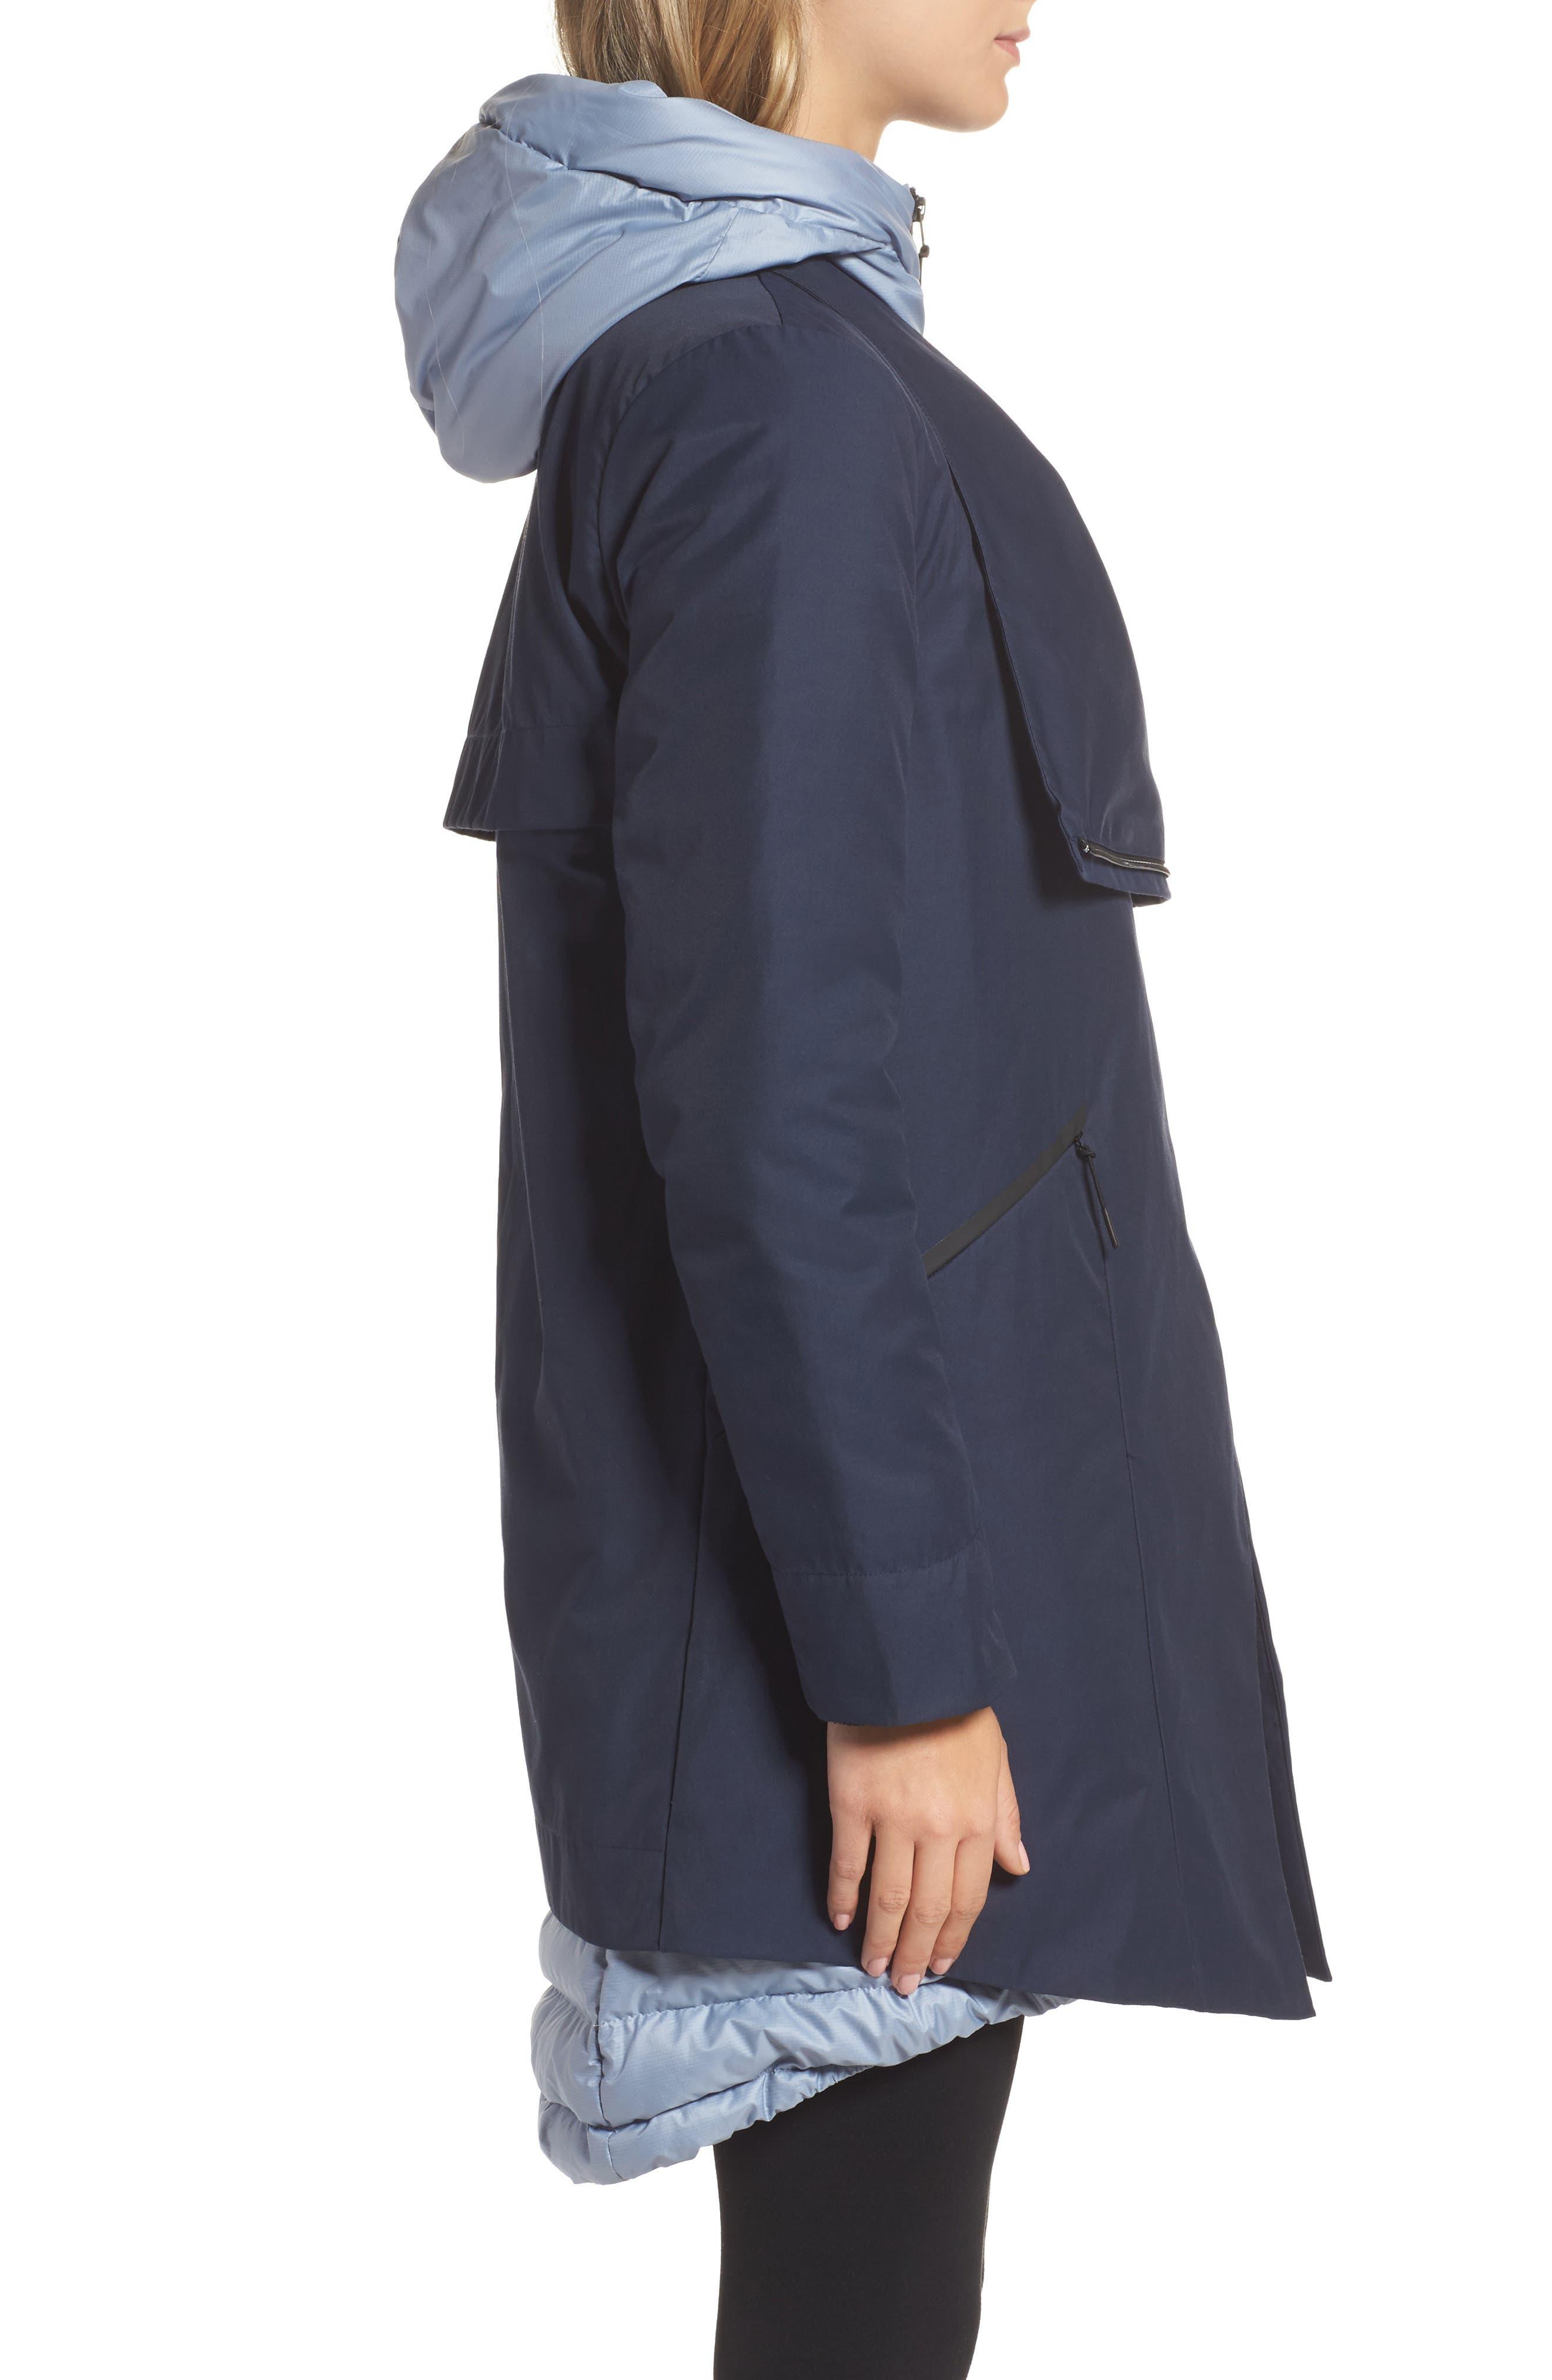 Sportswear Women's AeroLoft 3-in-1 Down Fill Parka,                             Alternate thumbnail 6, color,                             OBSIDIAN/ GLACIER GREY/ BLACK